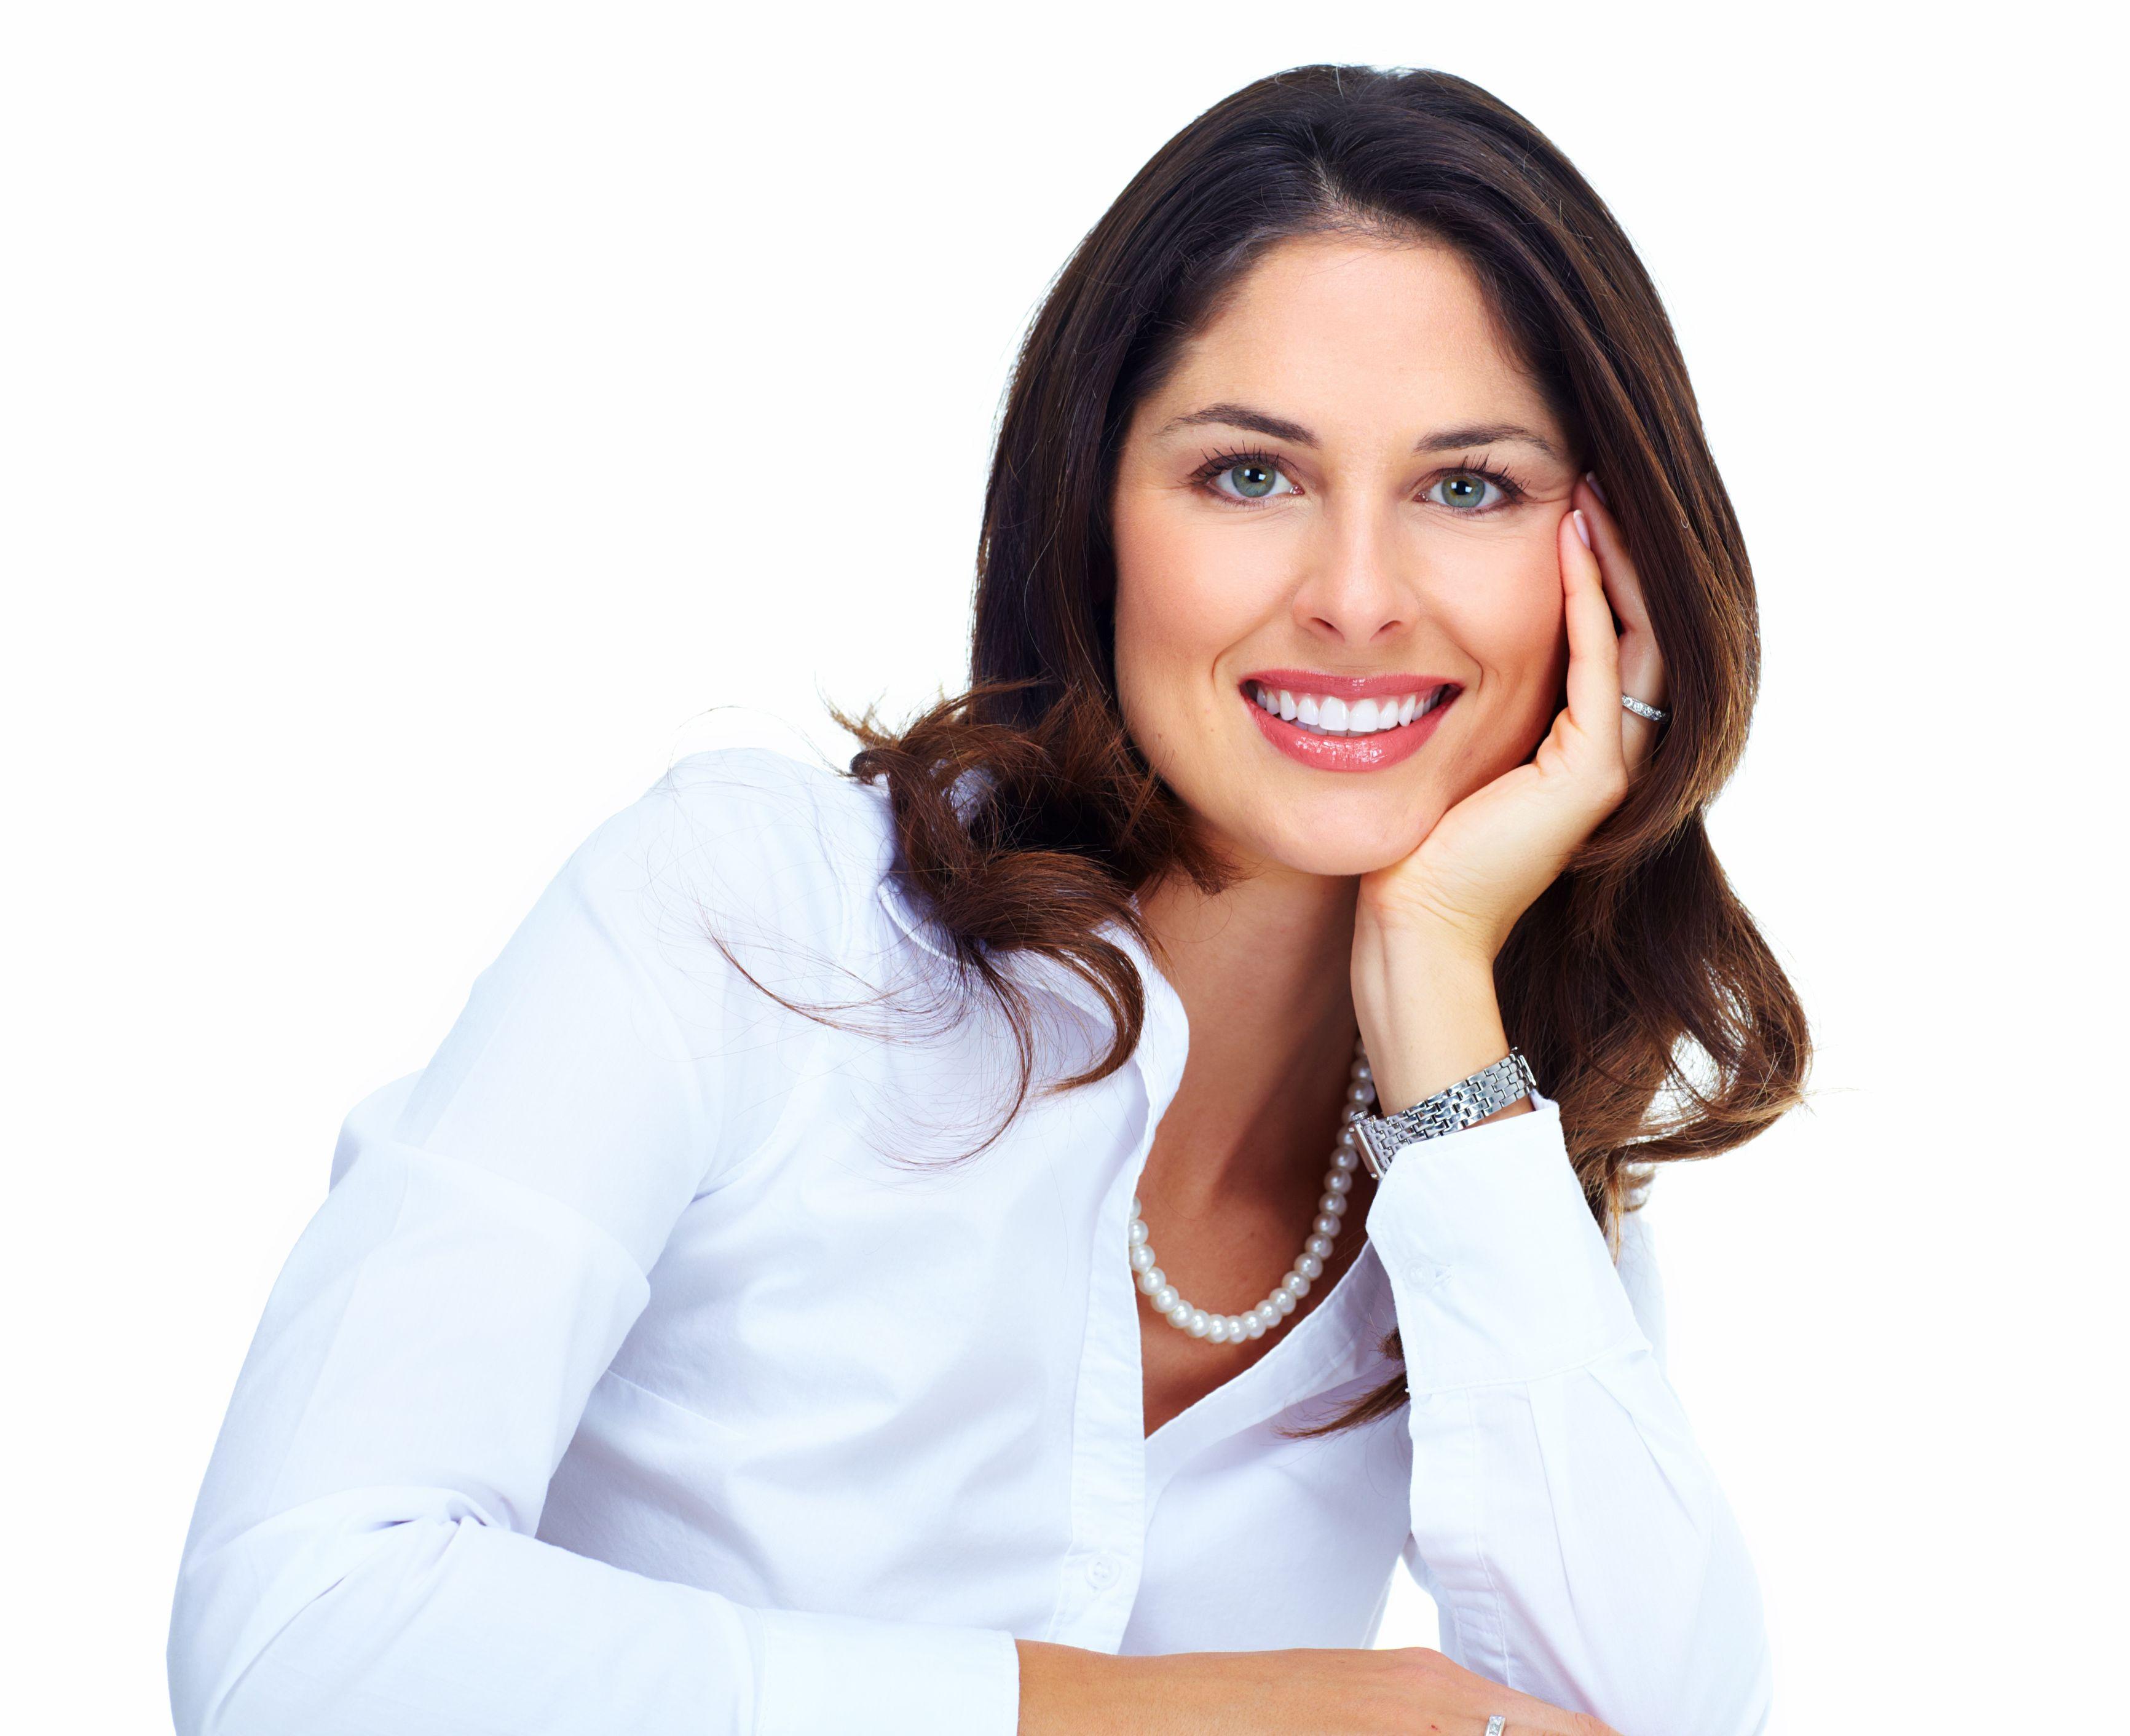 Картинки деловой женщины на аватарку притягивающая